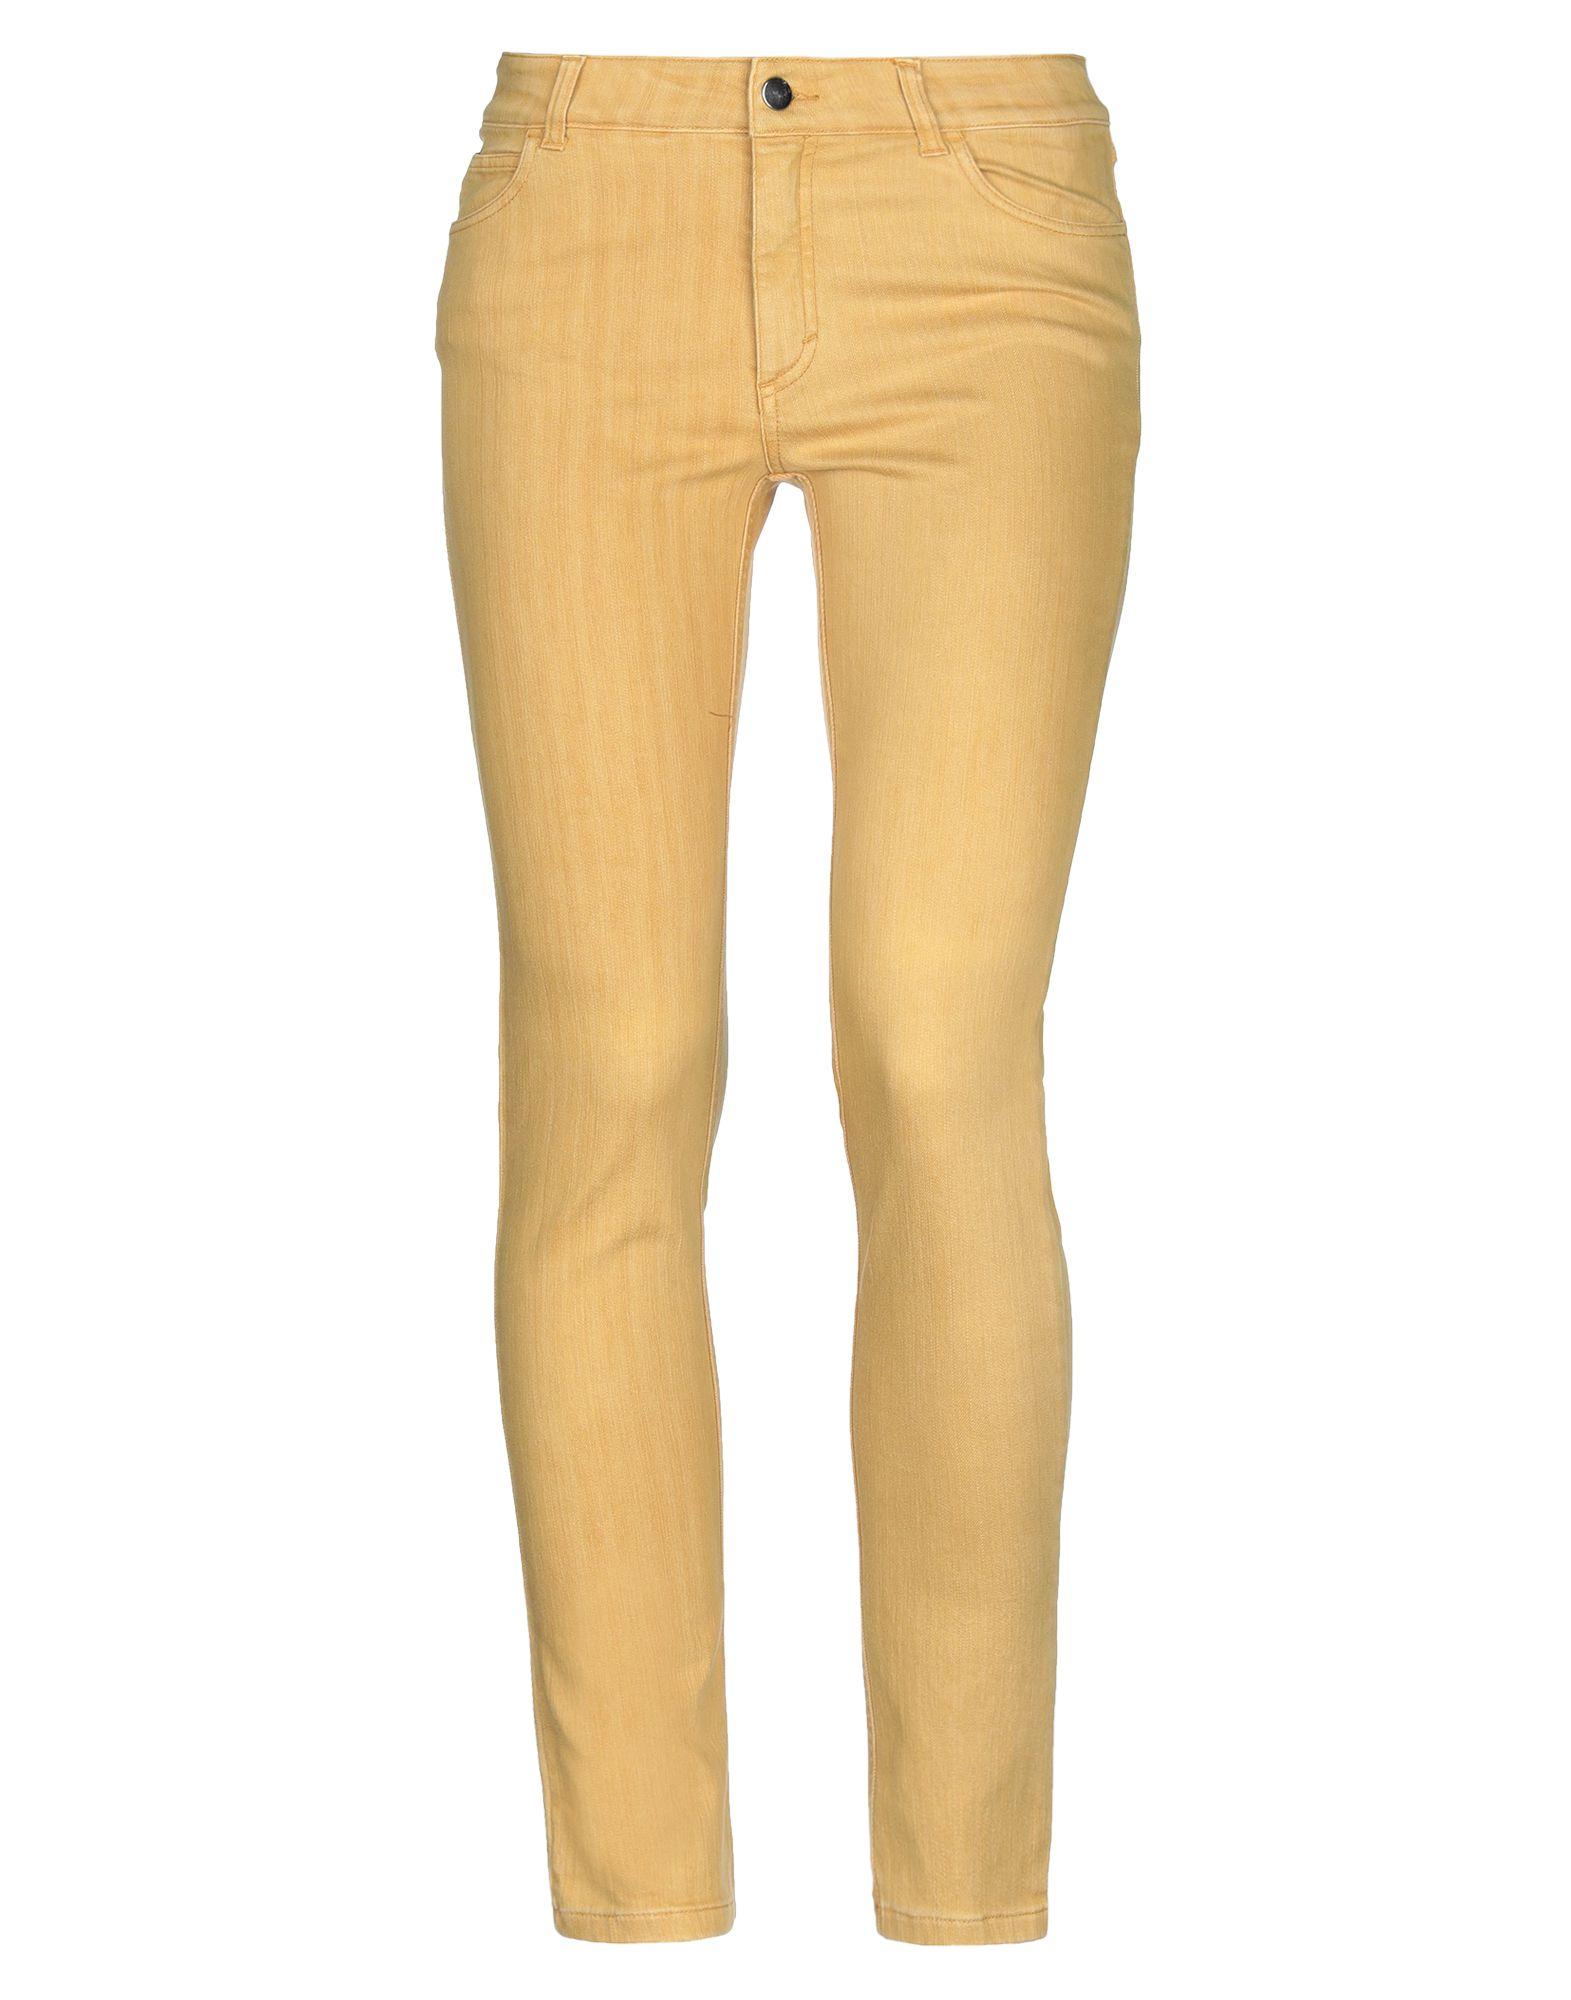 Фото - BIANCALANCIA Джинсовые брюки biancalancia накидка